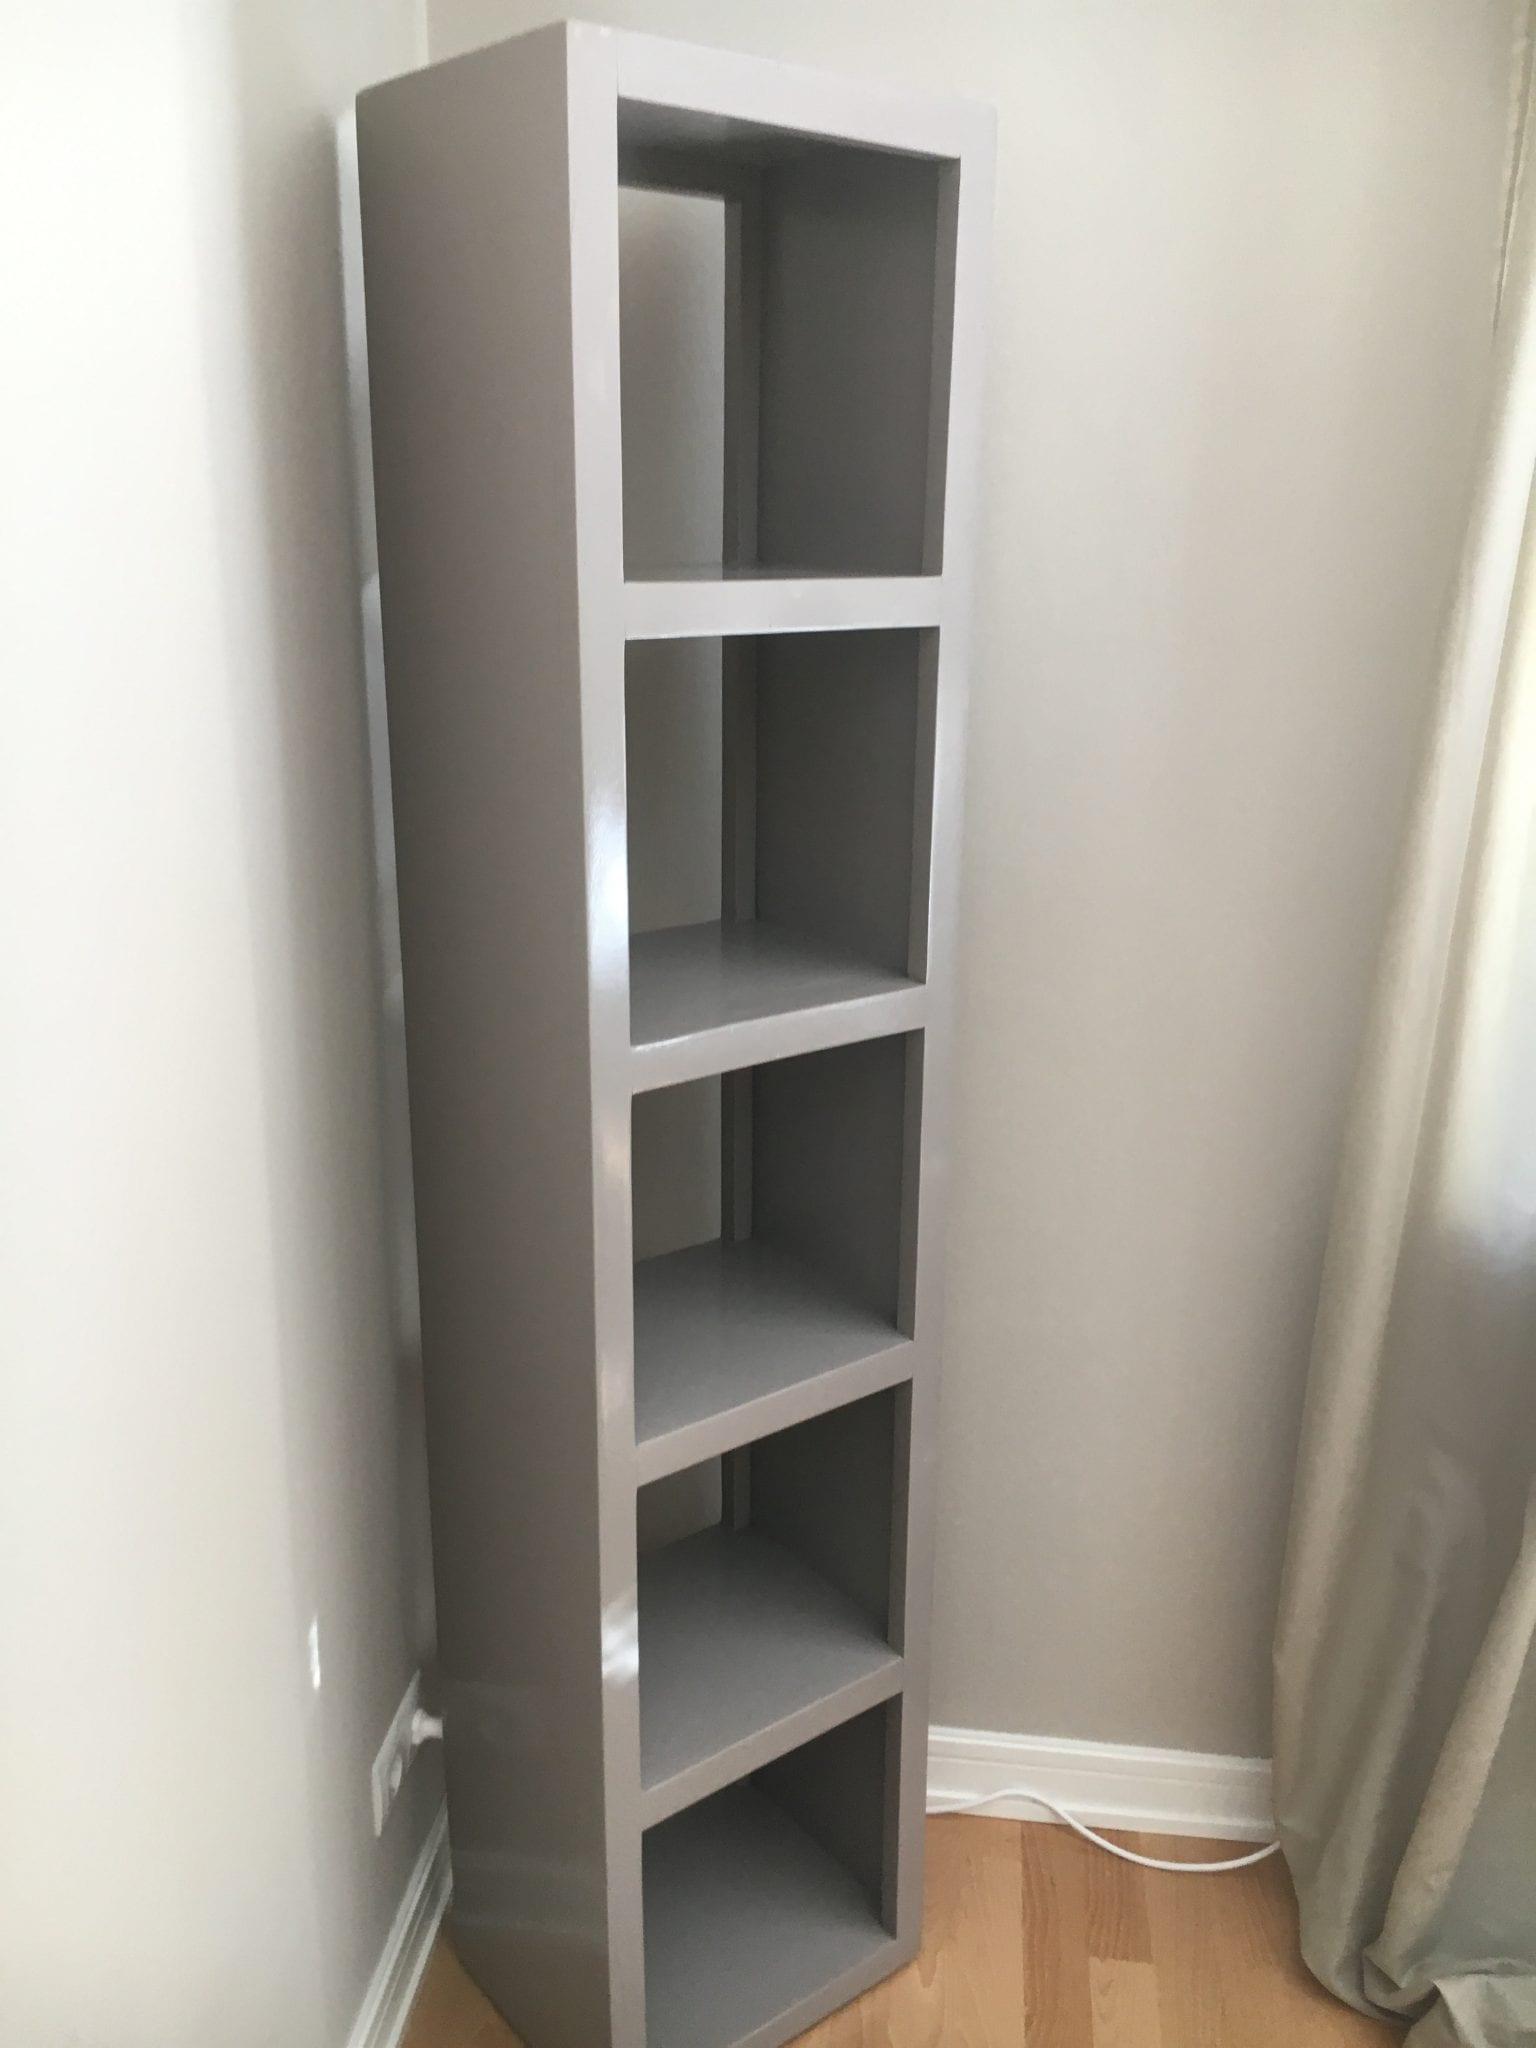 lackieren lassen um rost zu vermeiden muss ein profi das metall lackieren malerorg holz kchen. Black Bedroom Furniture Sets. Home Design Ideas